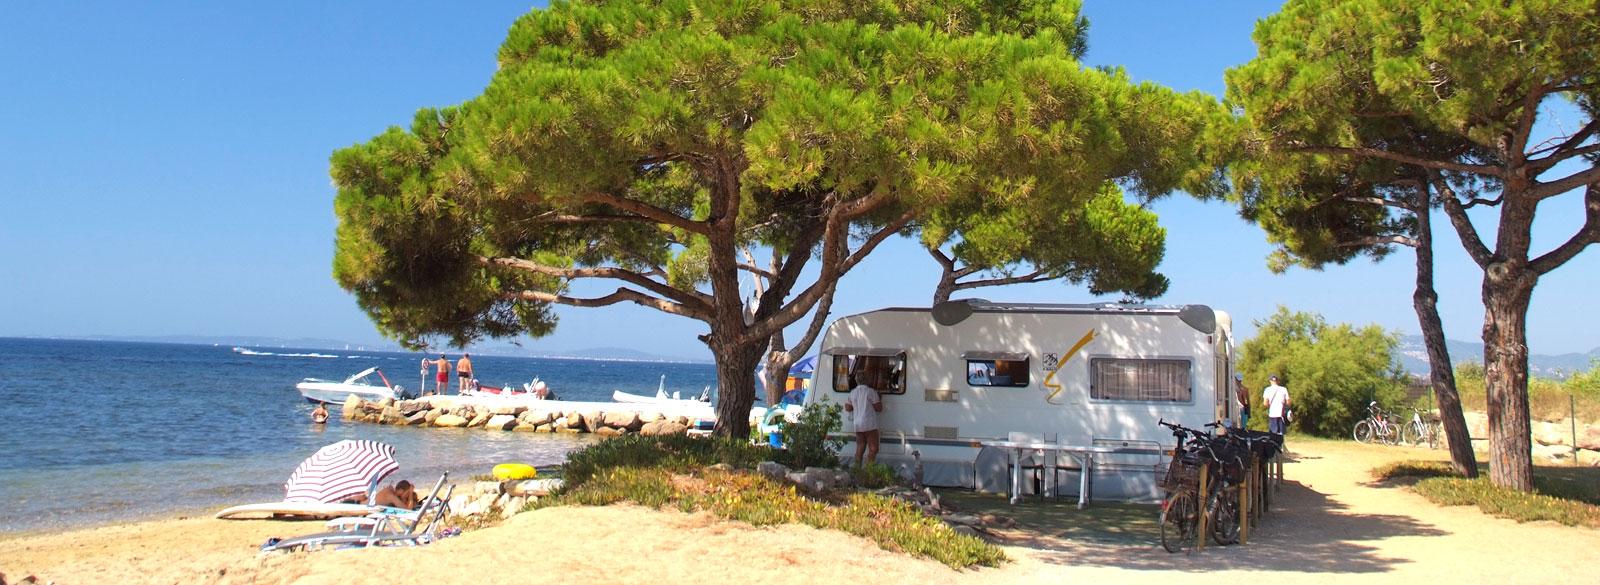 campsite near the sea 83